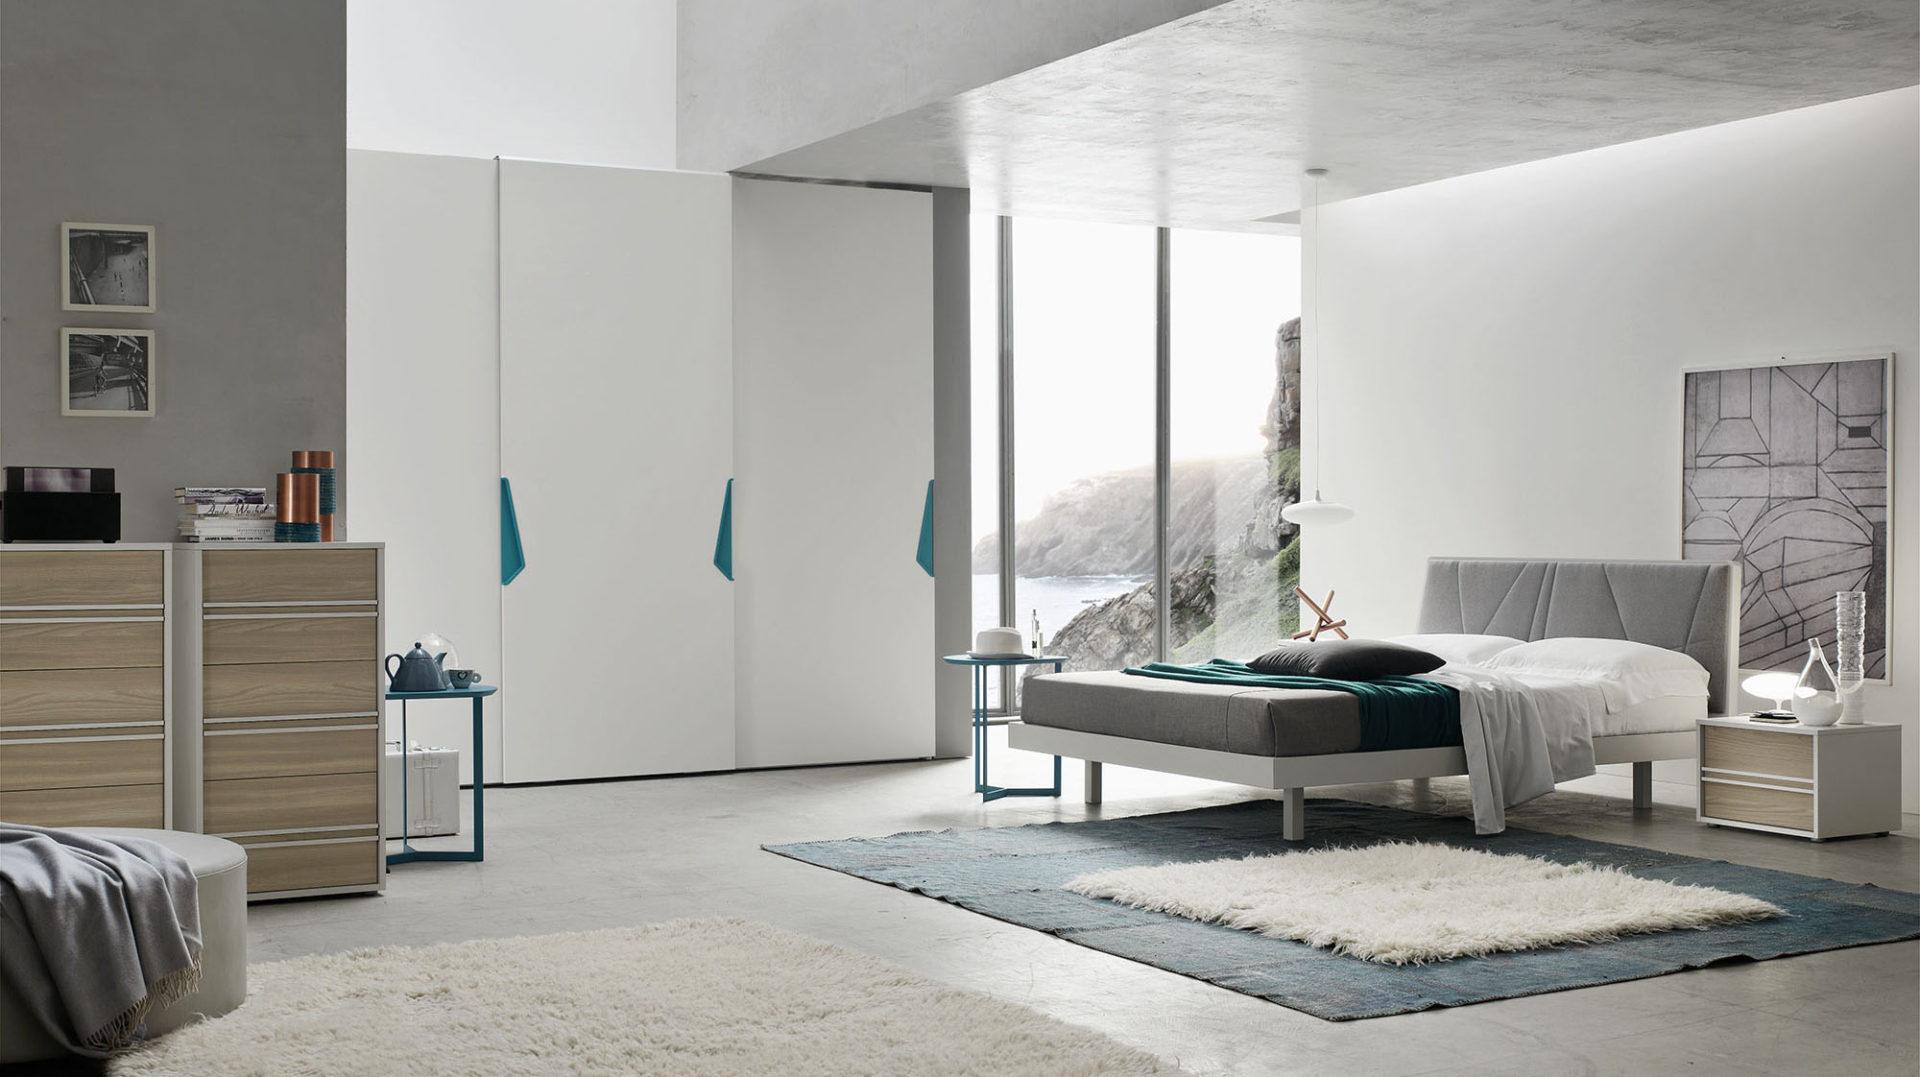 Letto arche imbottito orme for Arredamento camera da letto design